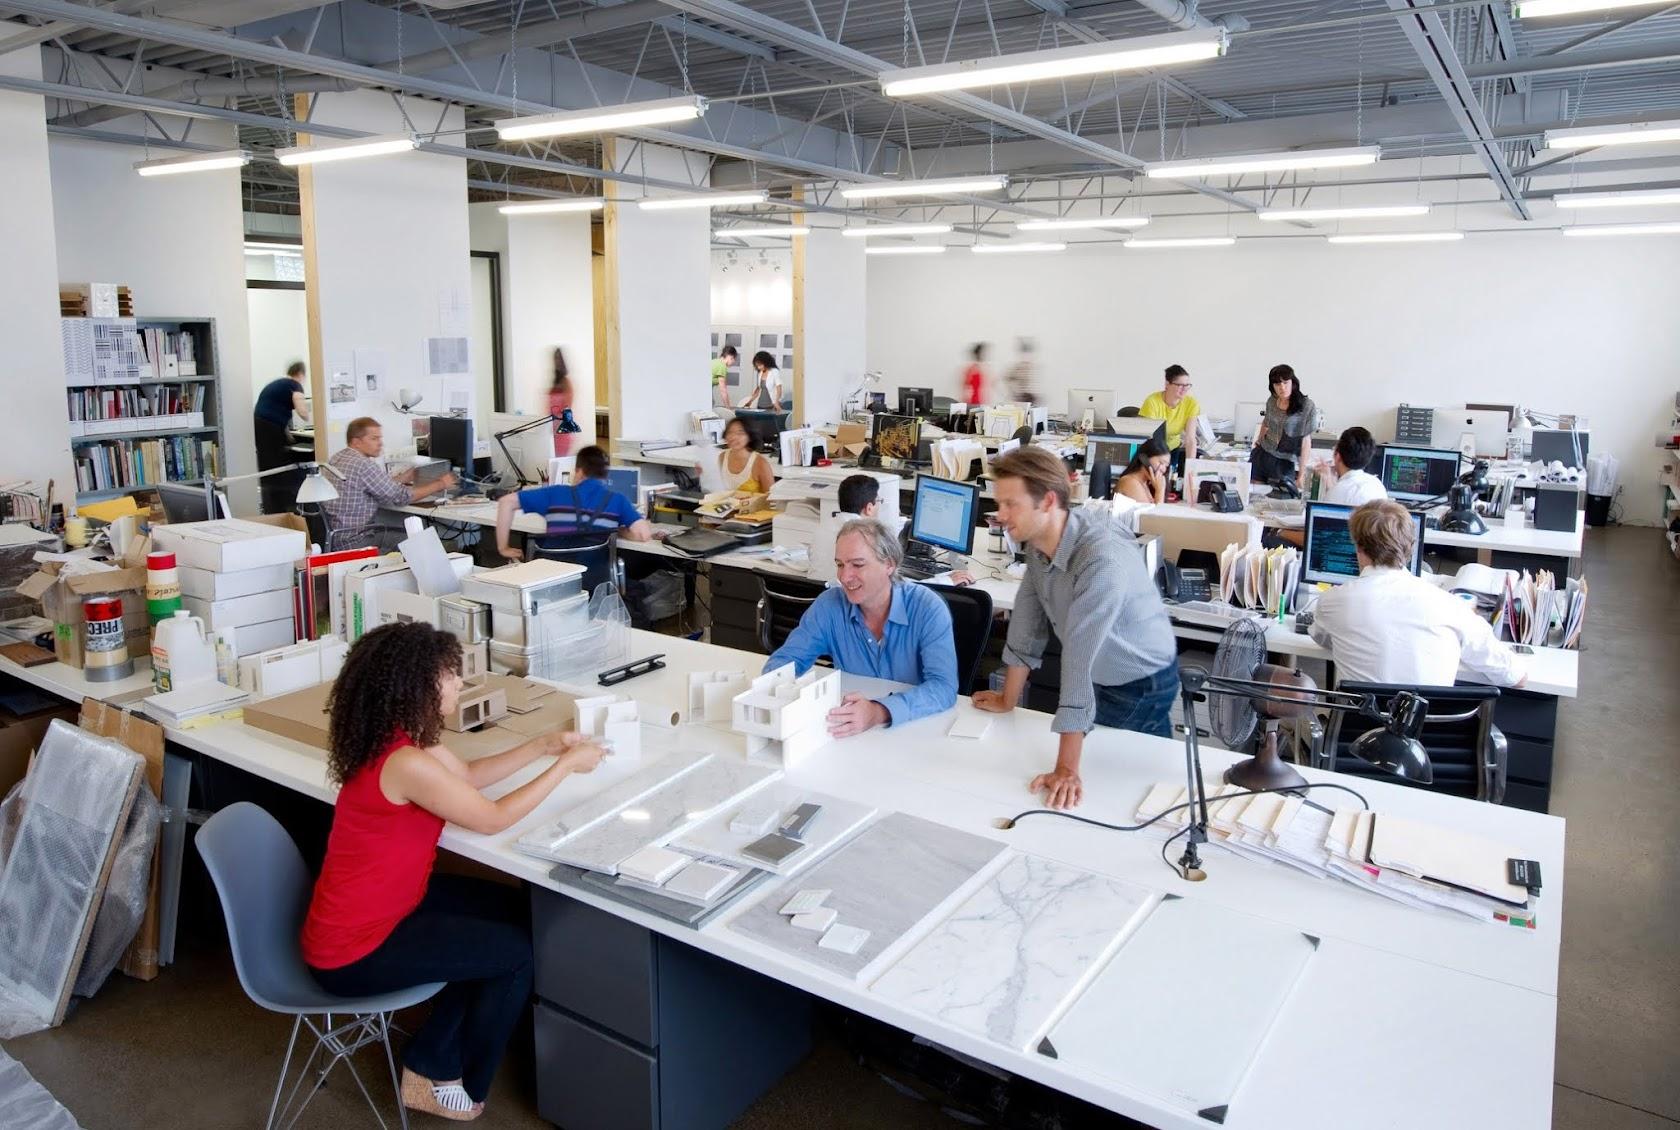 En İyi İç Mimarlık Eğitimi Veren Okullar Hangileridir?